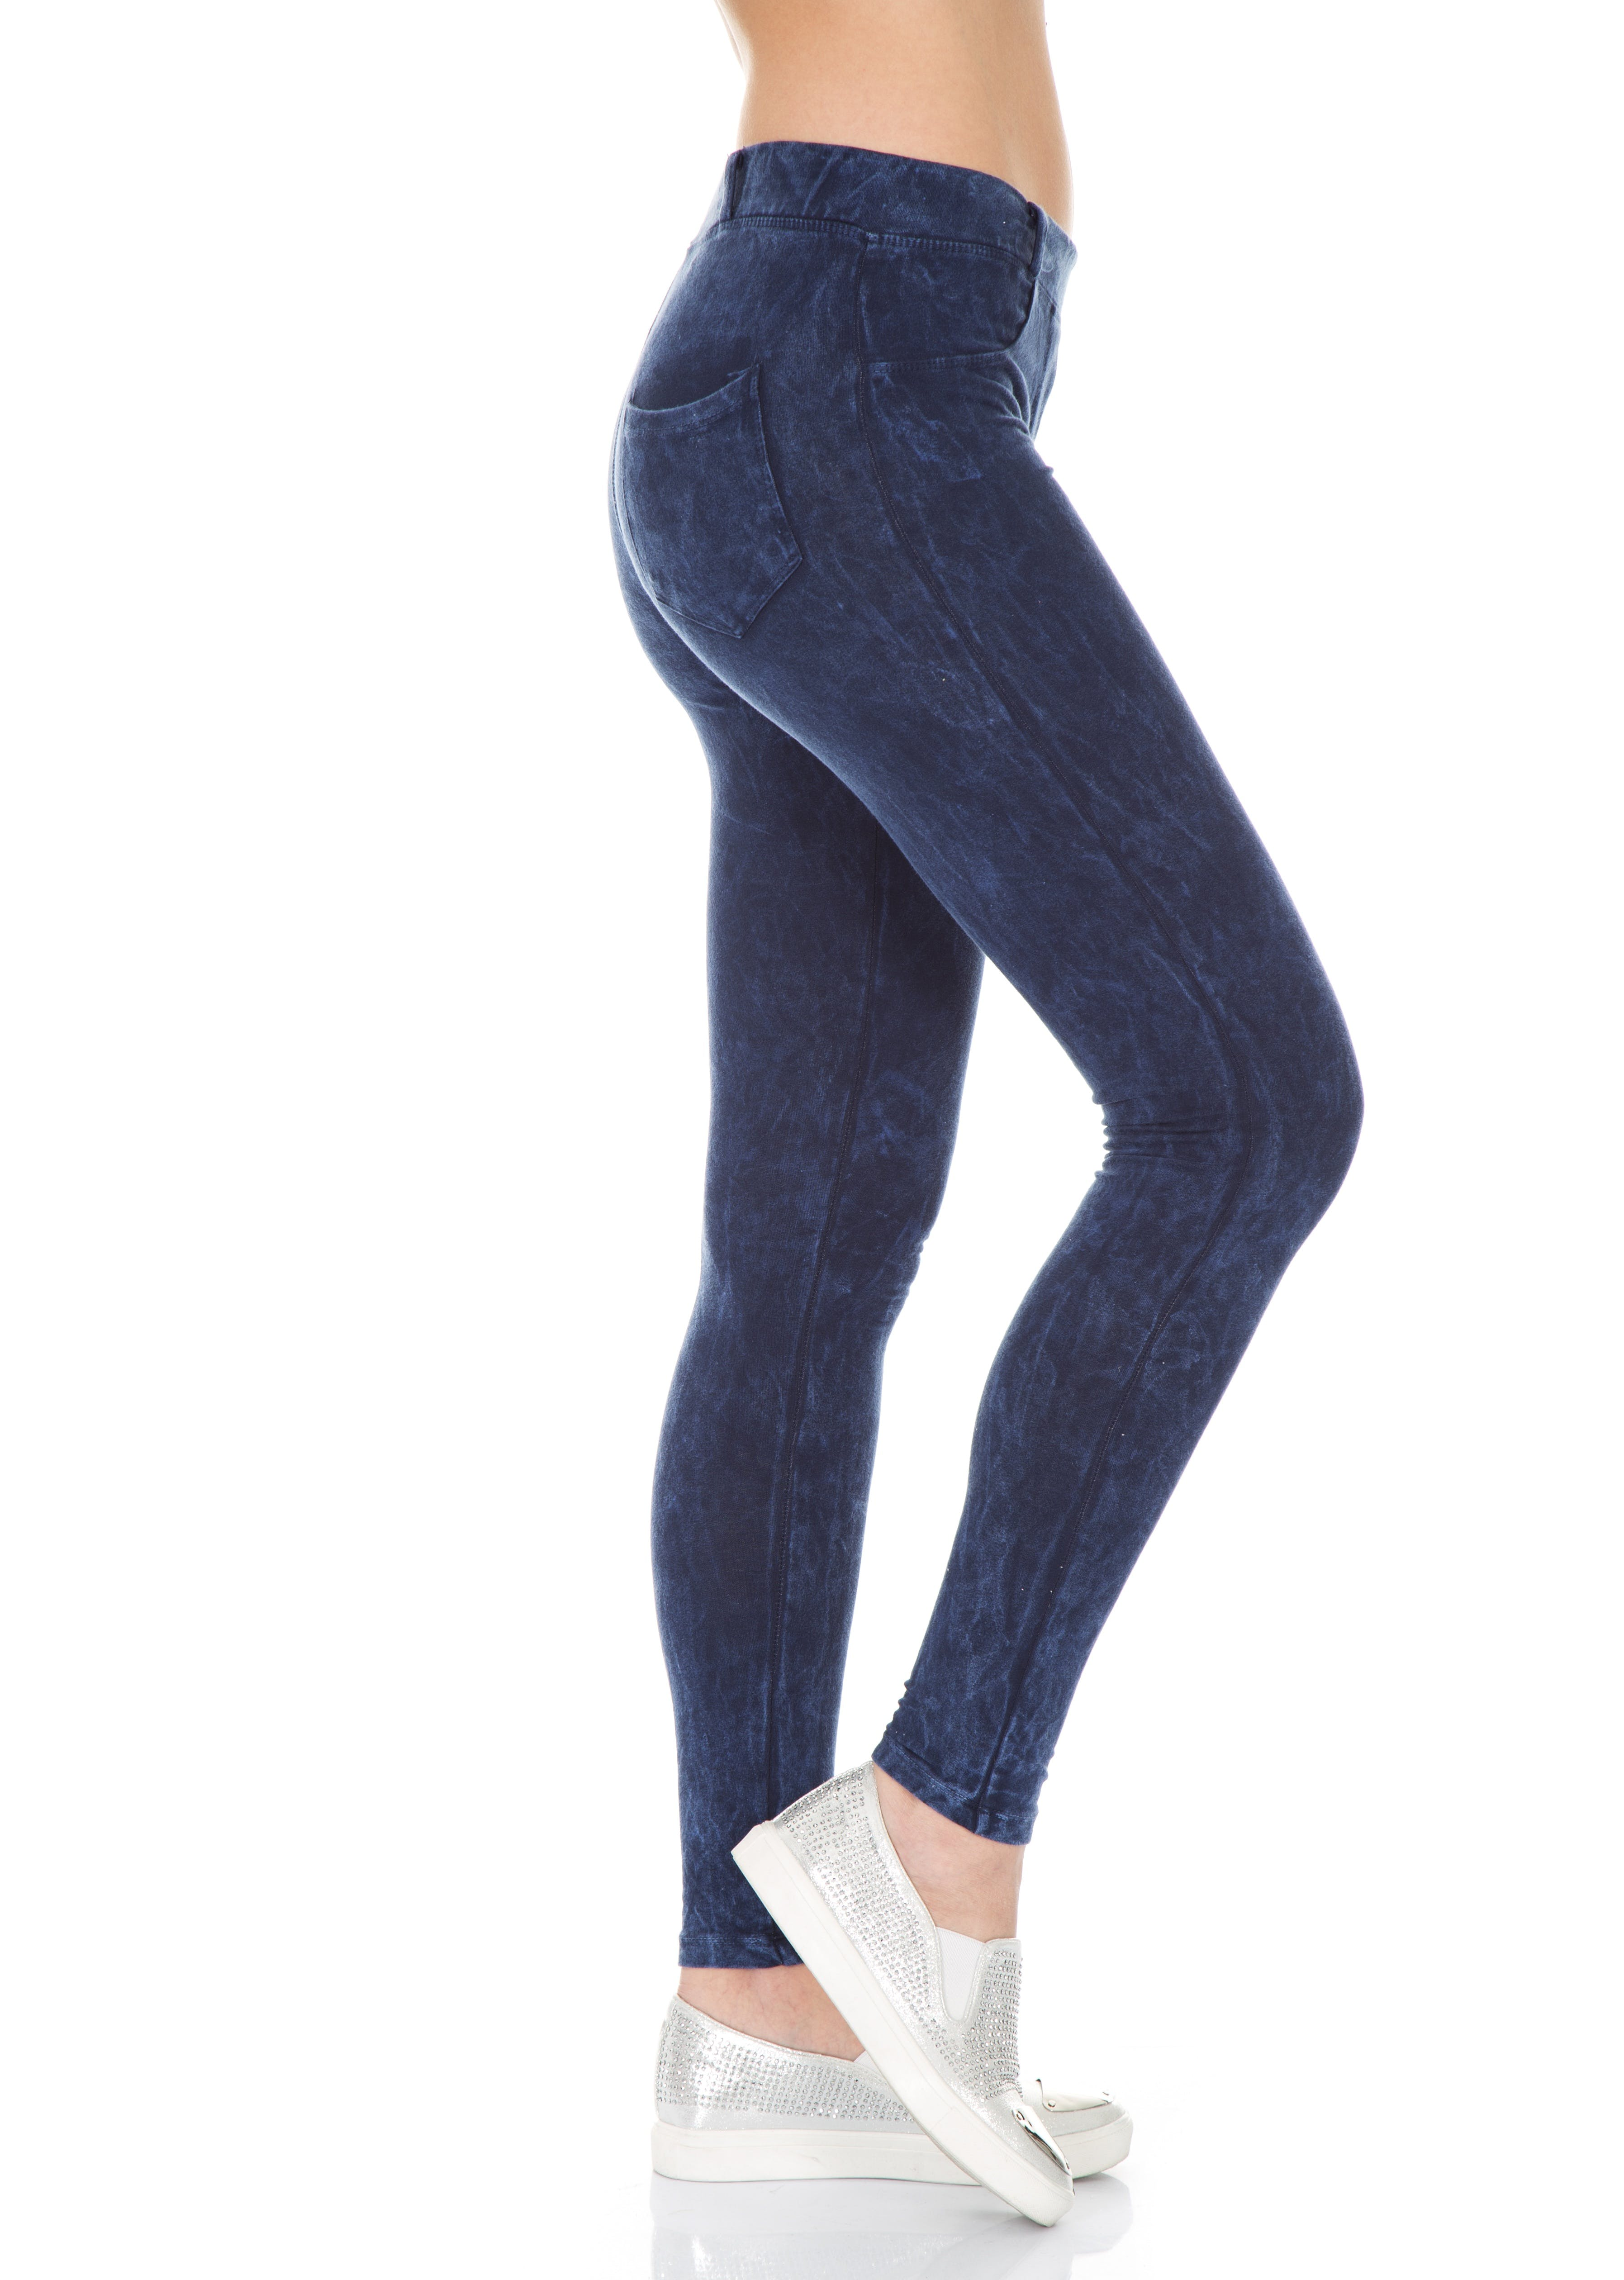 คลังภาพถ่ายฟรี ของ กางเกง, กางเกงยีนส์, ขา, ผู้หญิง